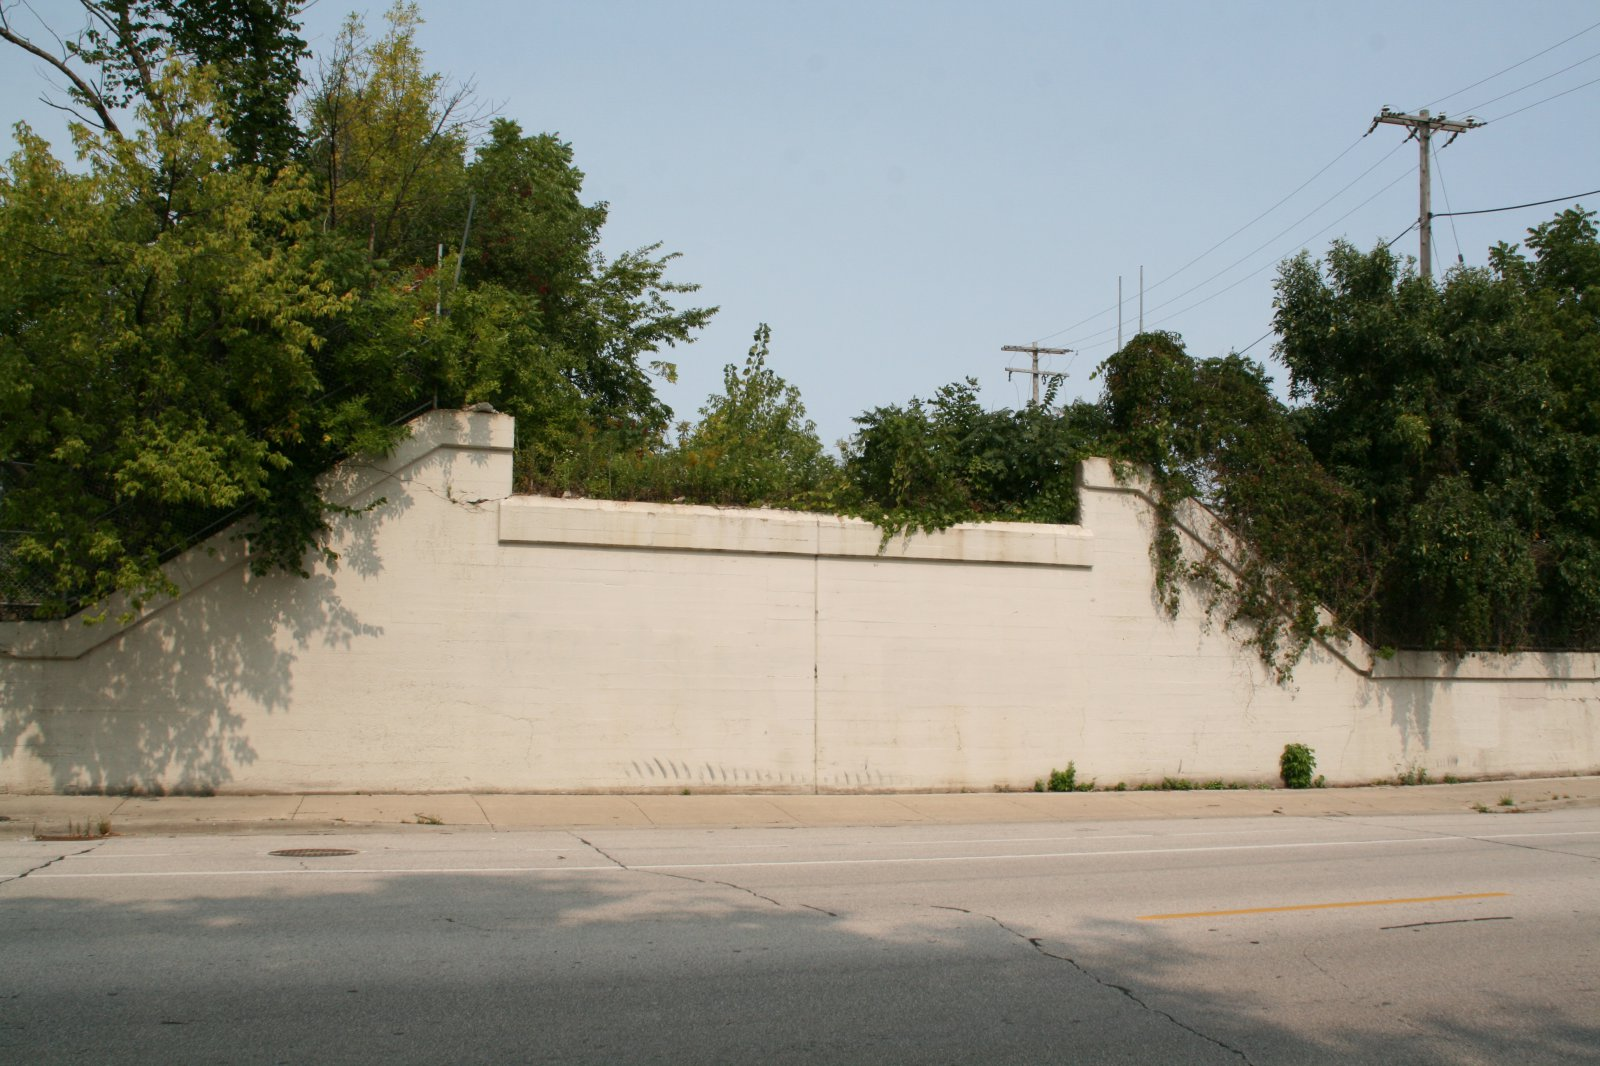 123-127 E. Becher St. along E. Lincoln Ave.